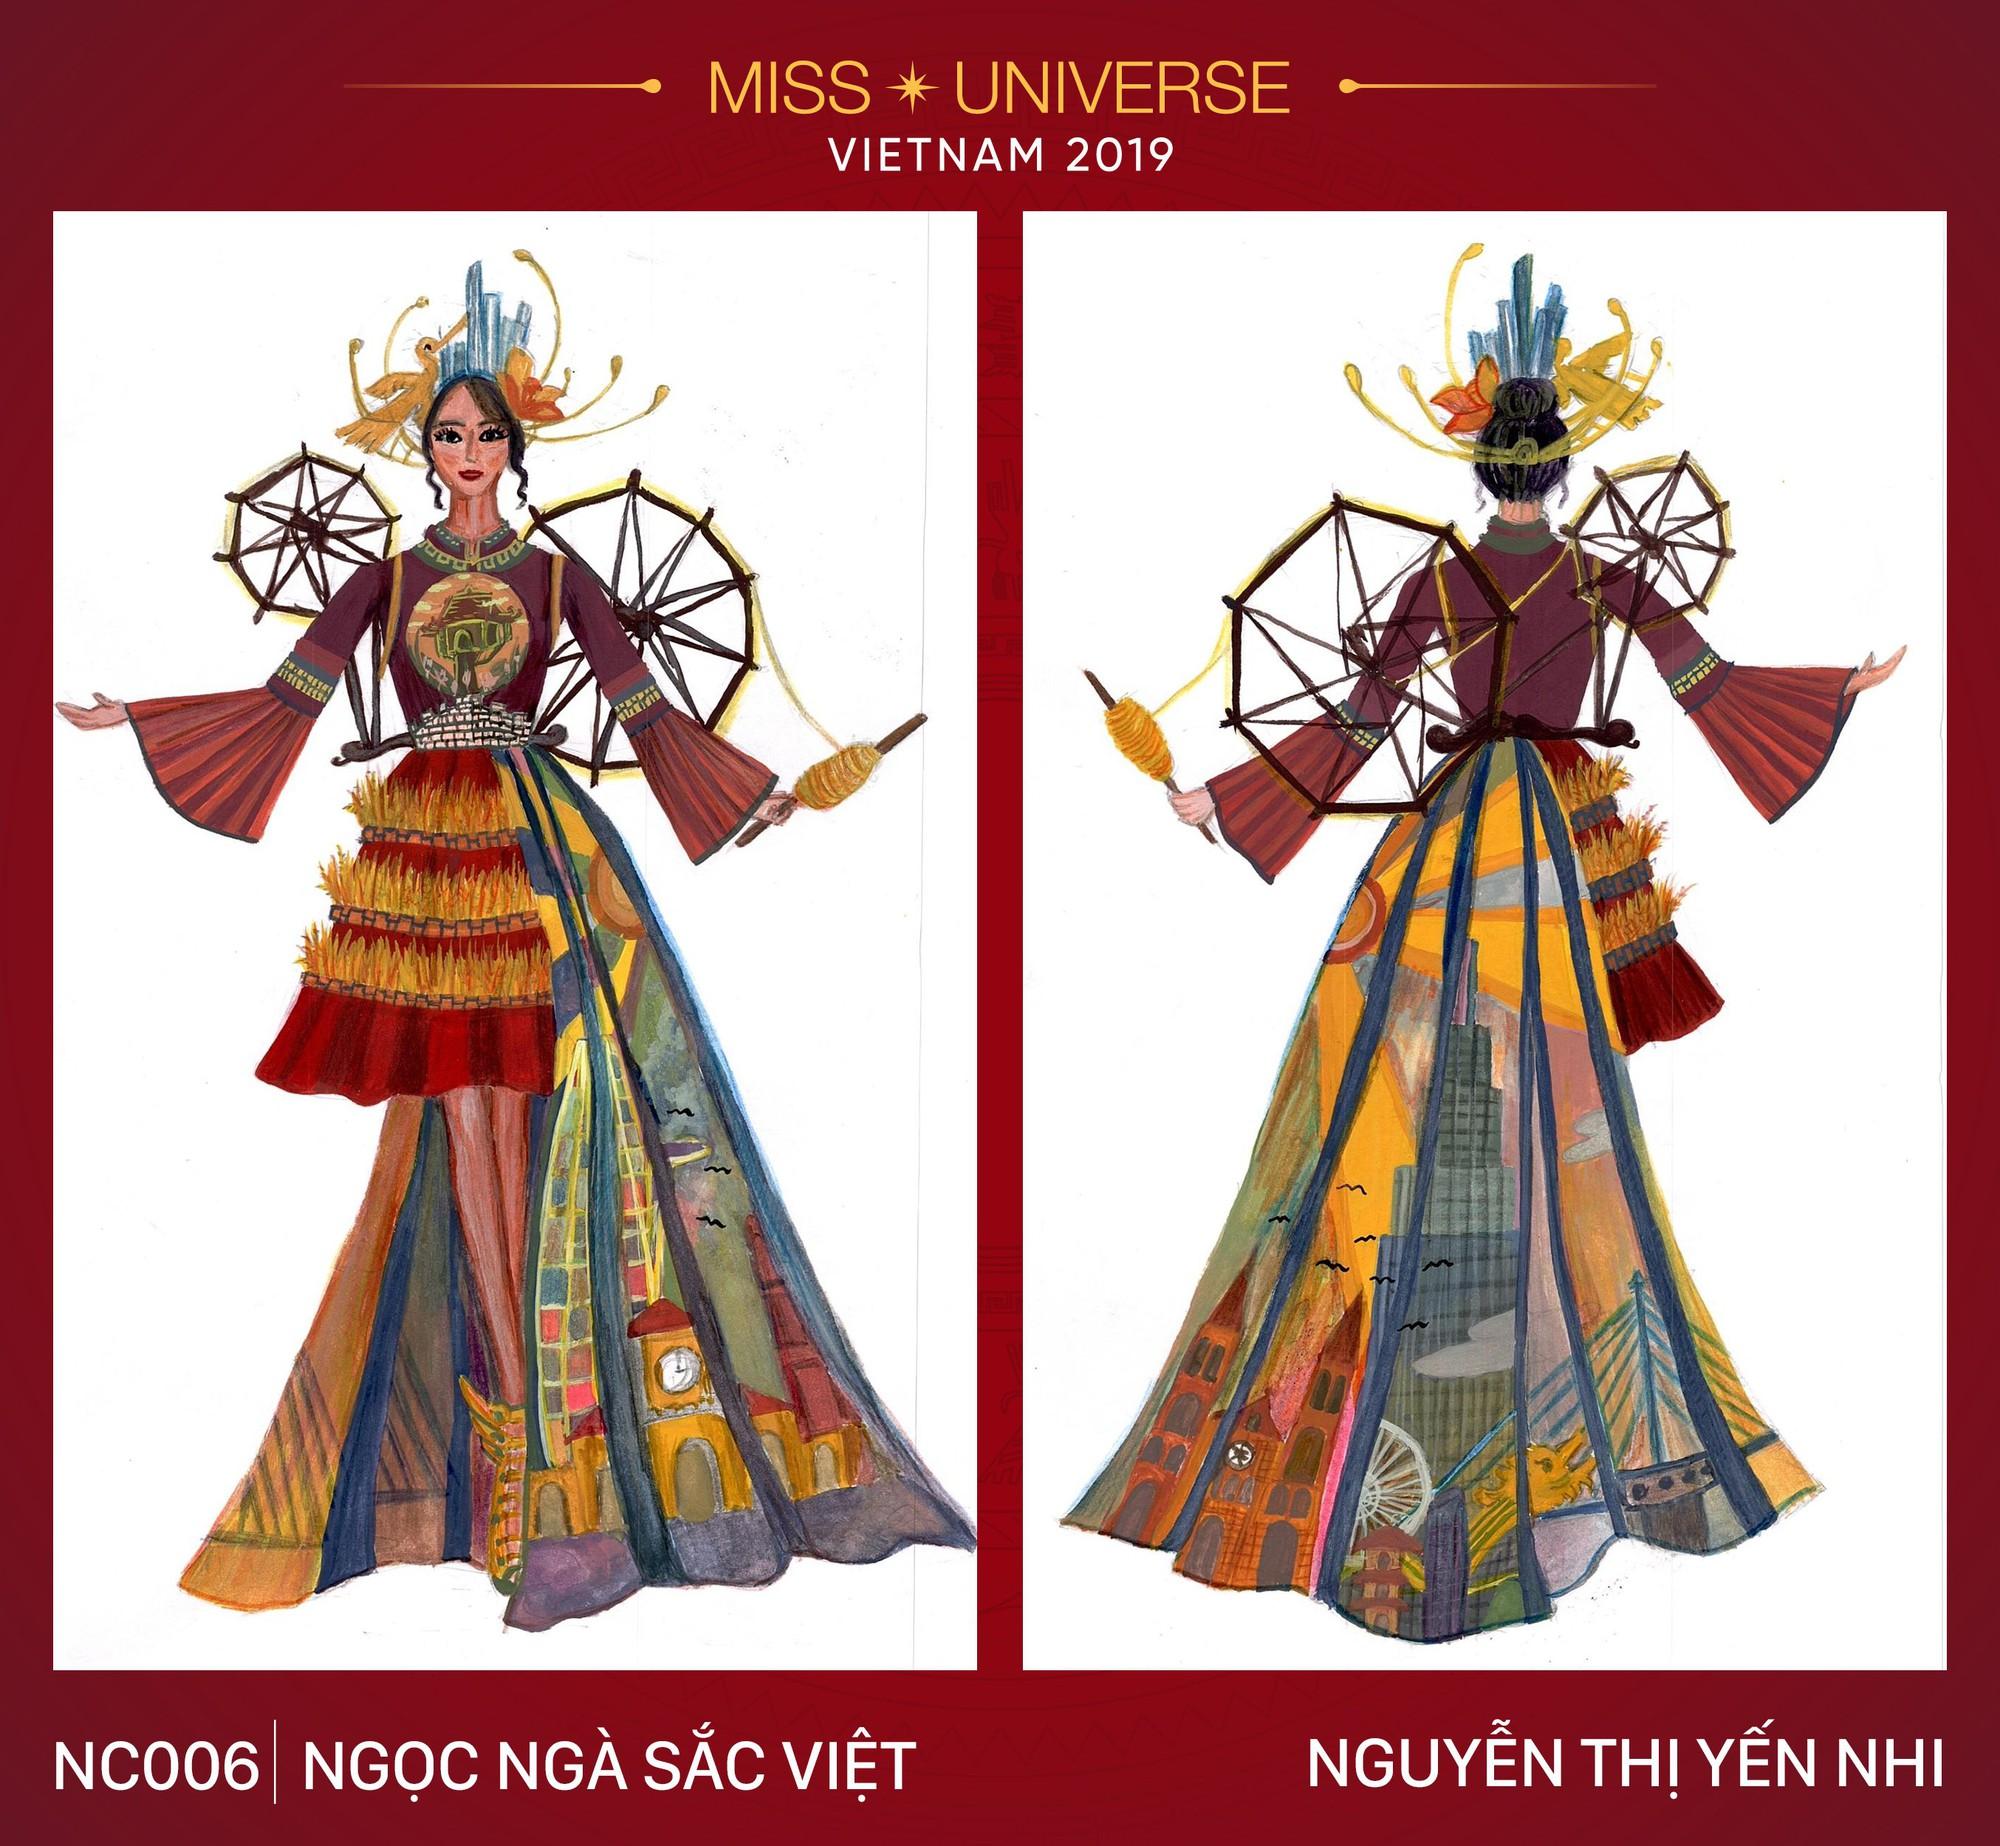 Xích lô, cà phê sữa đá, toà nhà 81 tầng trở thành cảm hứng cho trang phục dân tộc của Hoàng Thùy tại Miss Universe 2019 - Ảnh 6.